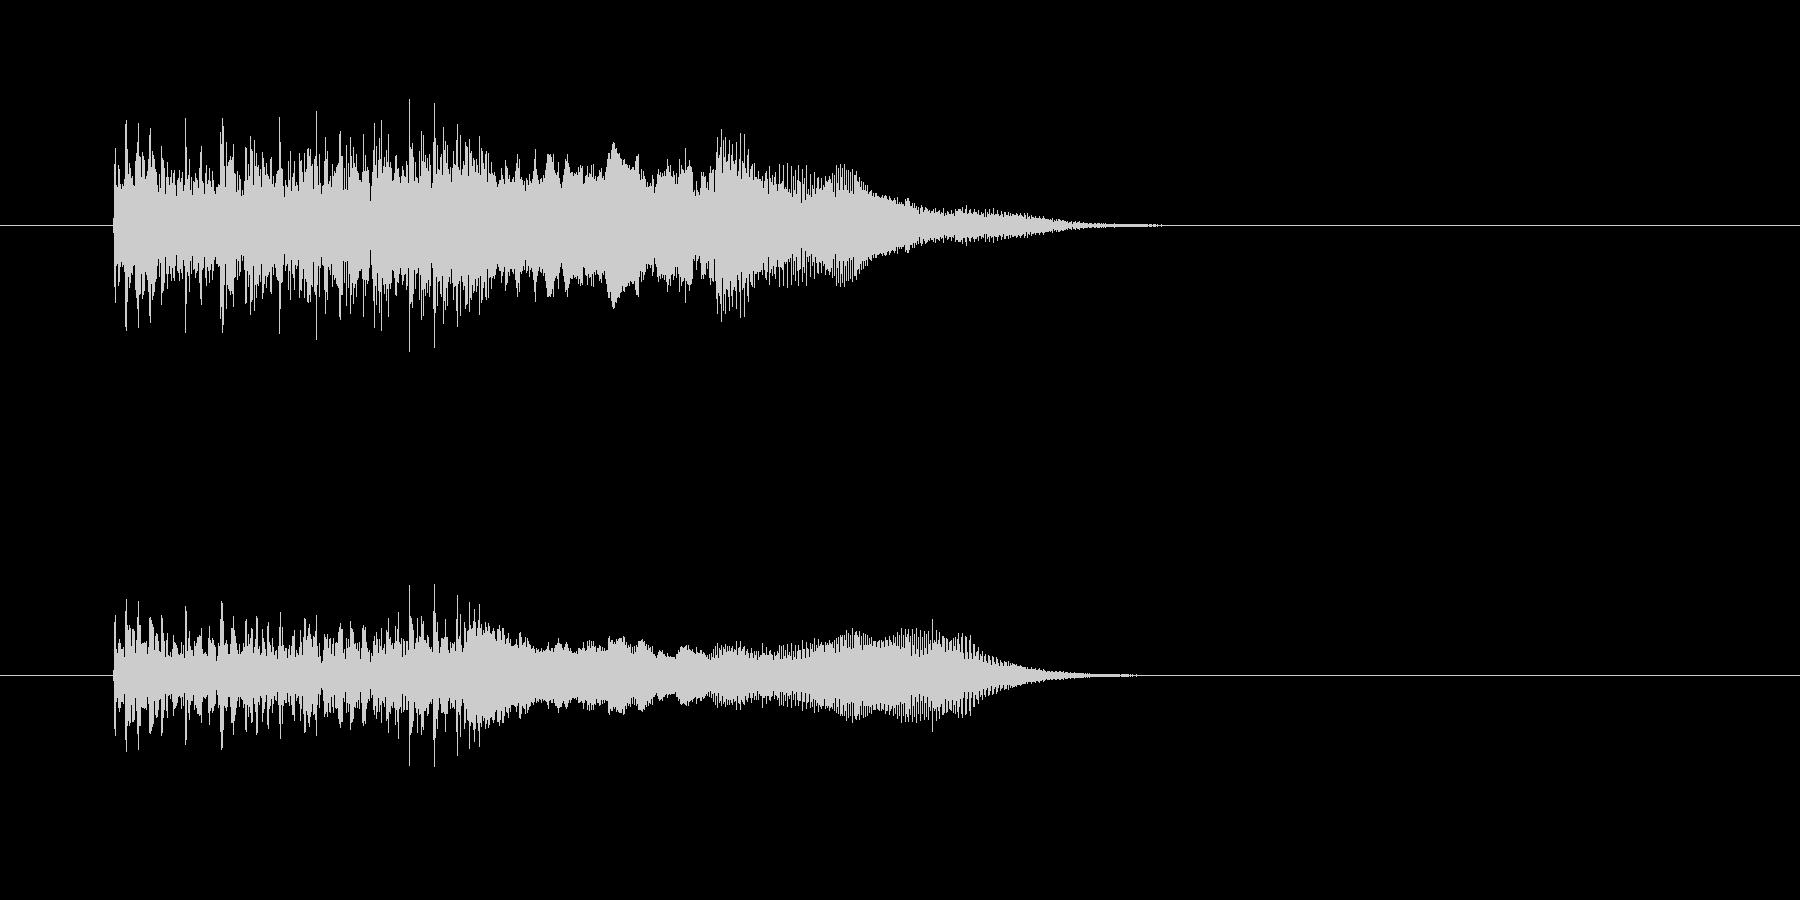 パワフル 力強い 速い エキサイティングの未再生の波形